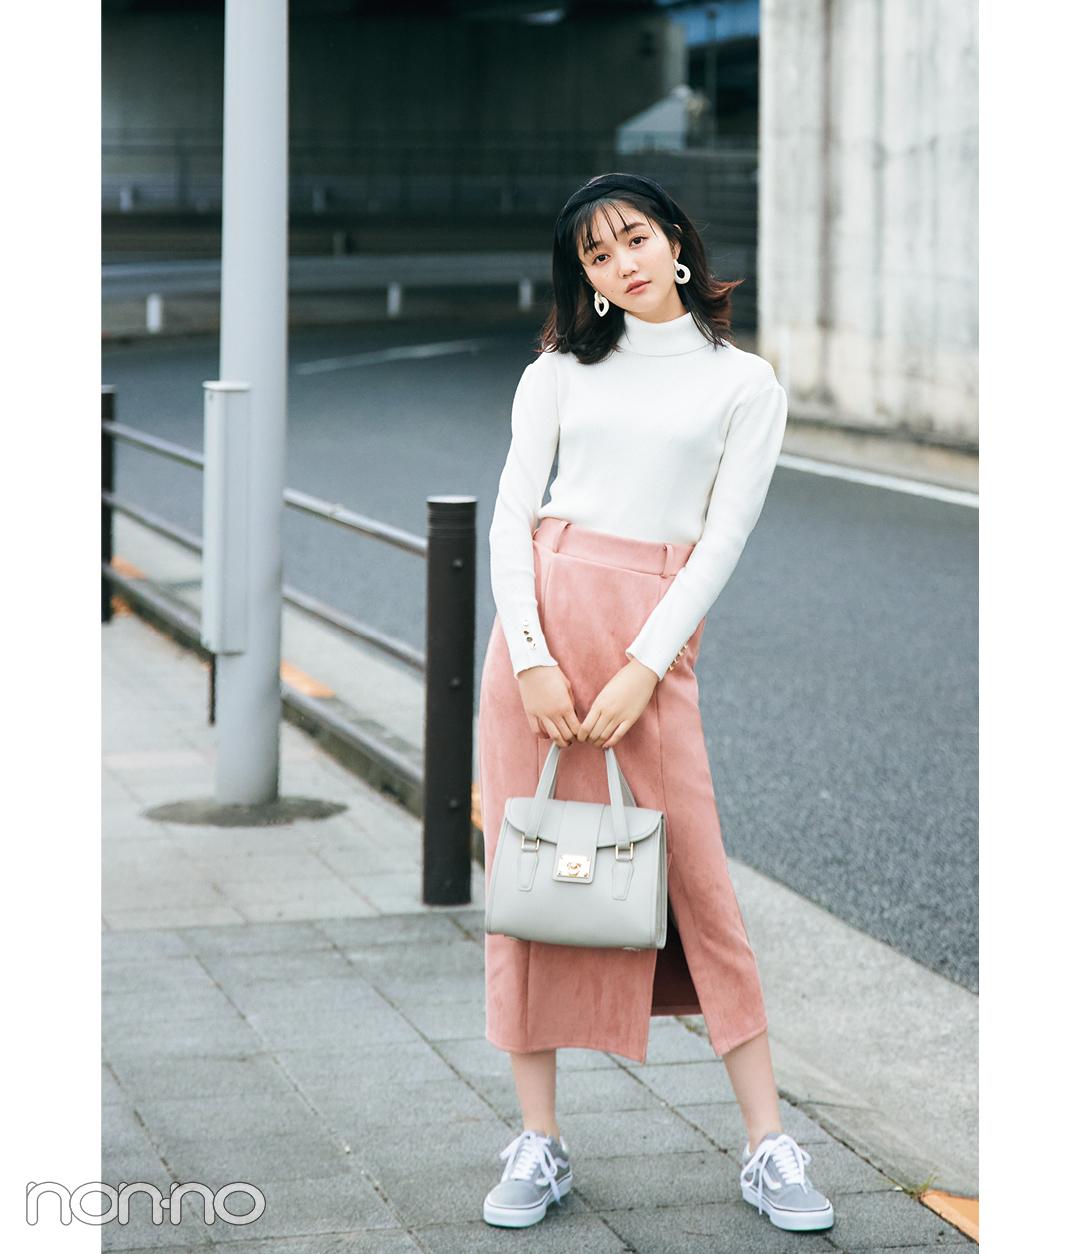 春新作スニーカー2021★ 美脚見えするスニーカー選びは?_1_3